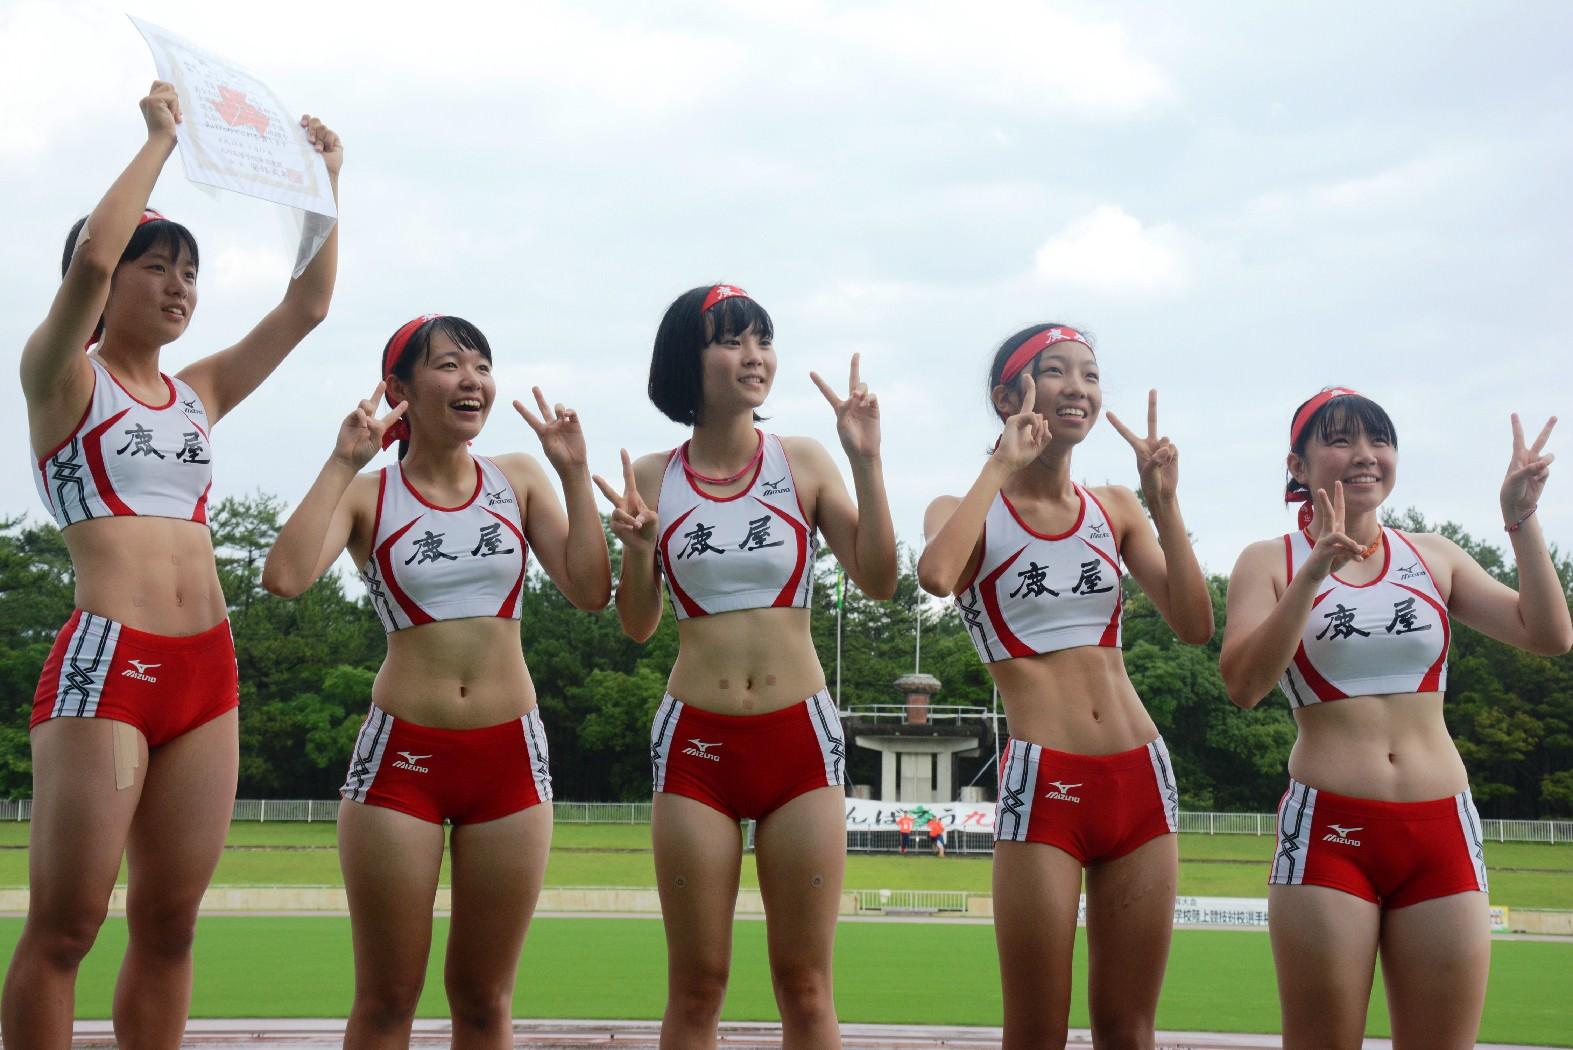 スポーツやってるJK画像はマン筋食い込みを楽しめるんですwwwwwww aWtOCRV